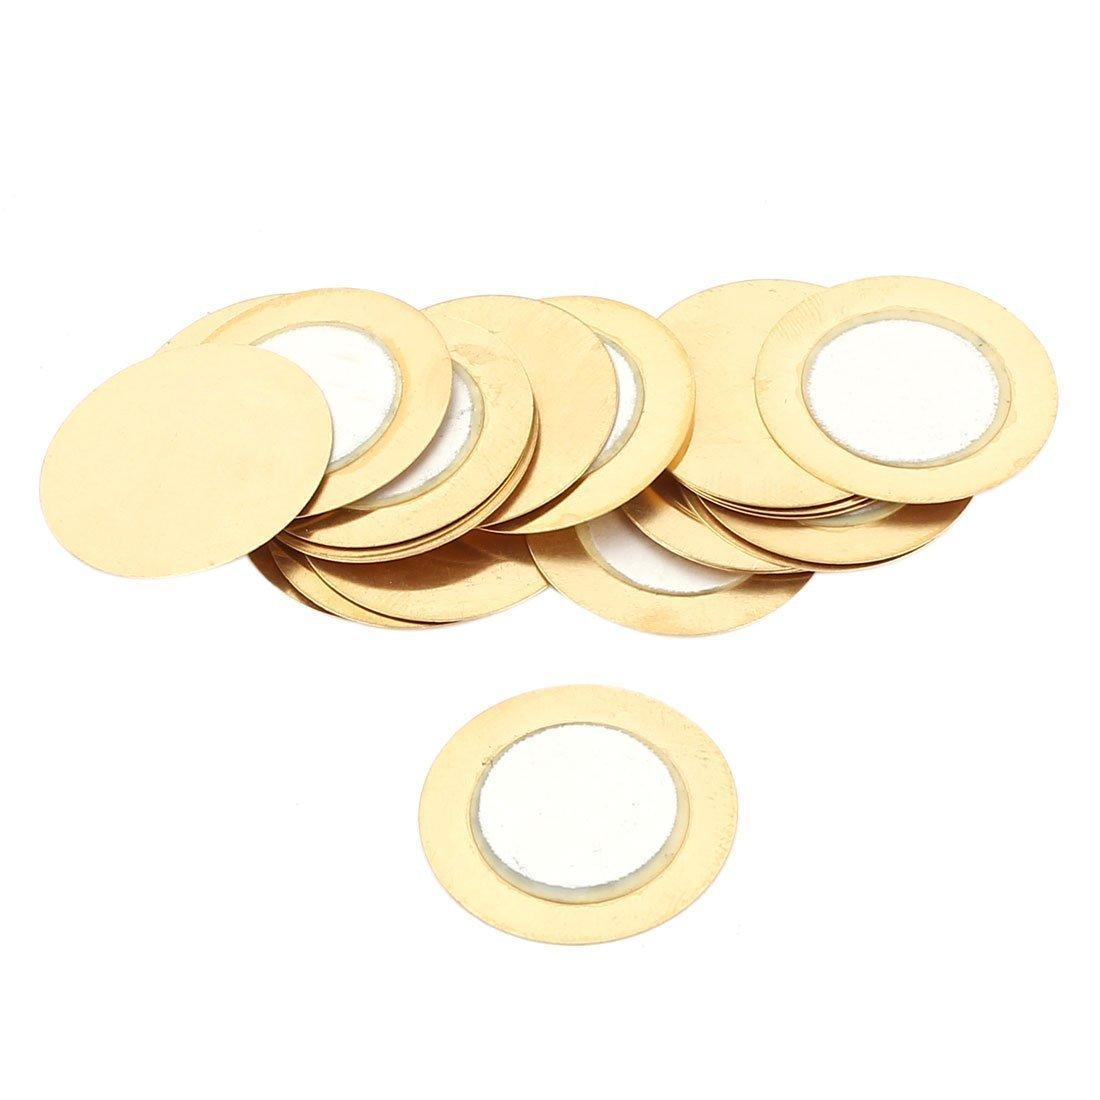 20 Pcs disco cerámica zumbador piezoeléctricos 20mm Diámetro película circular